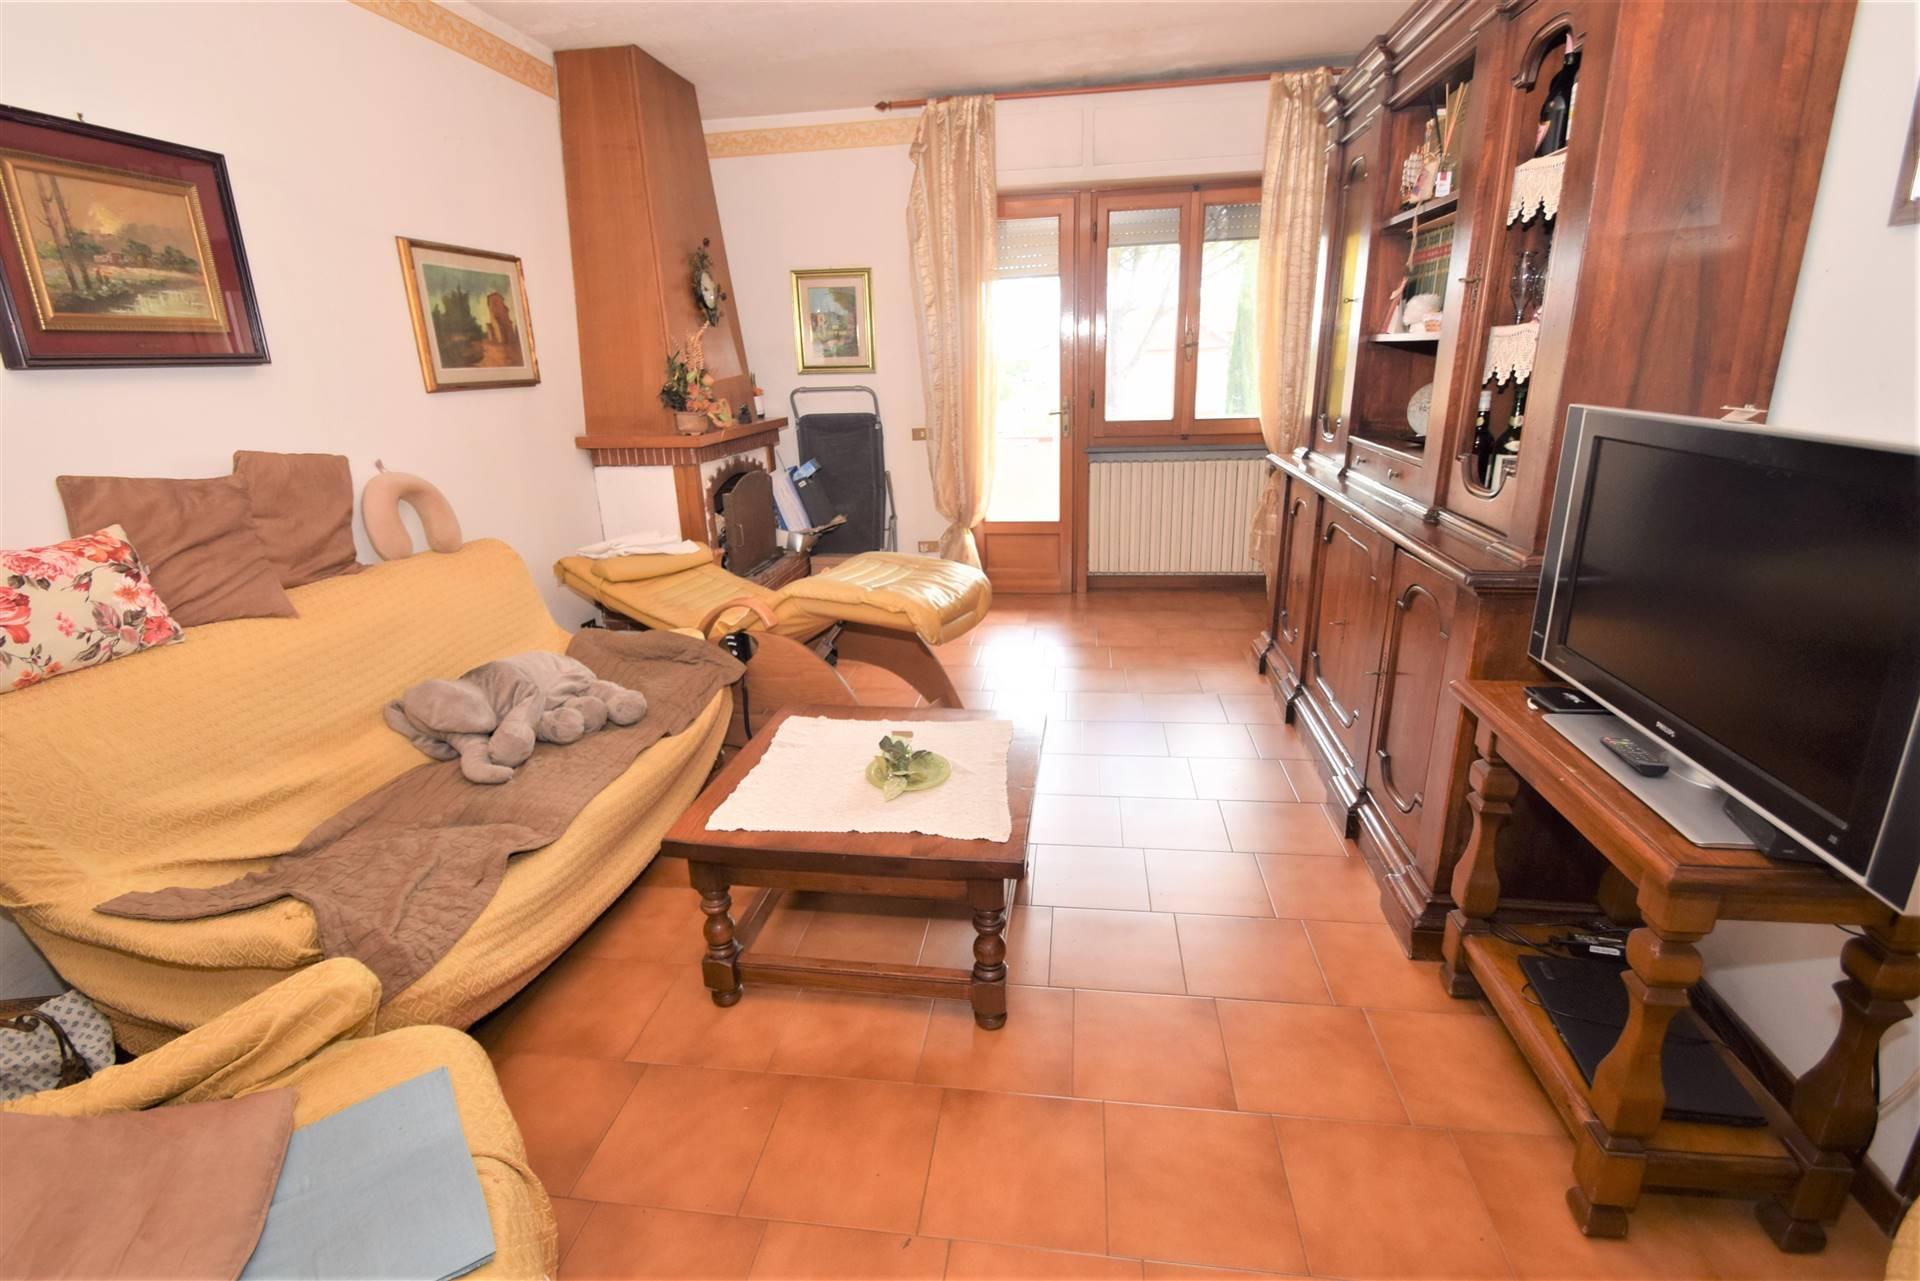 Appartamento in vendita a Pieve a Nievole, 6 locali, prezzo € 149.000 | PortaleAgenzieImmobiliari.it